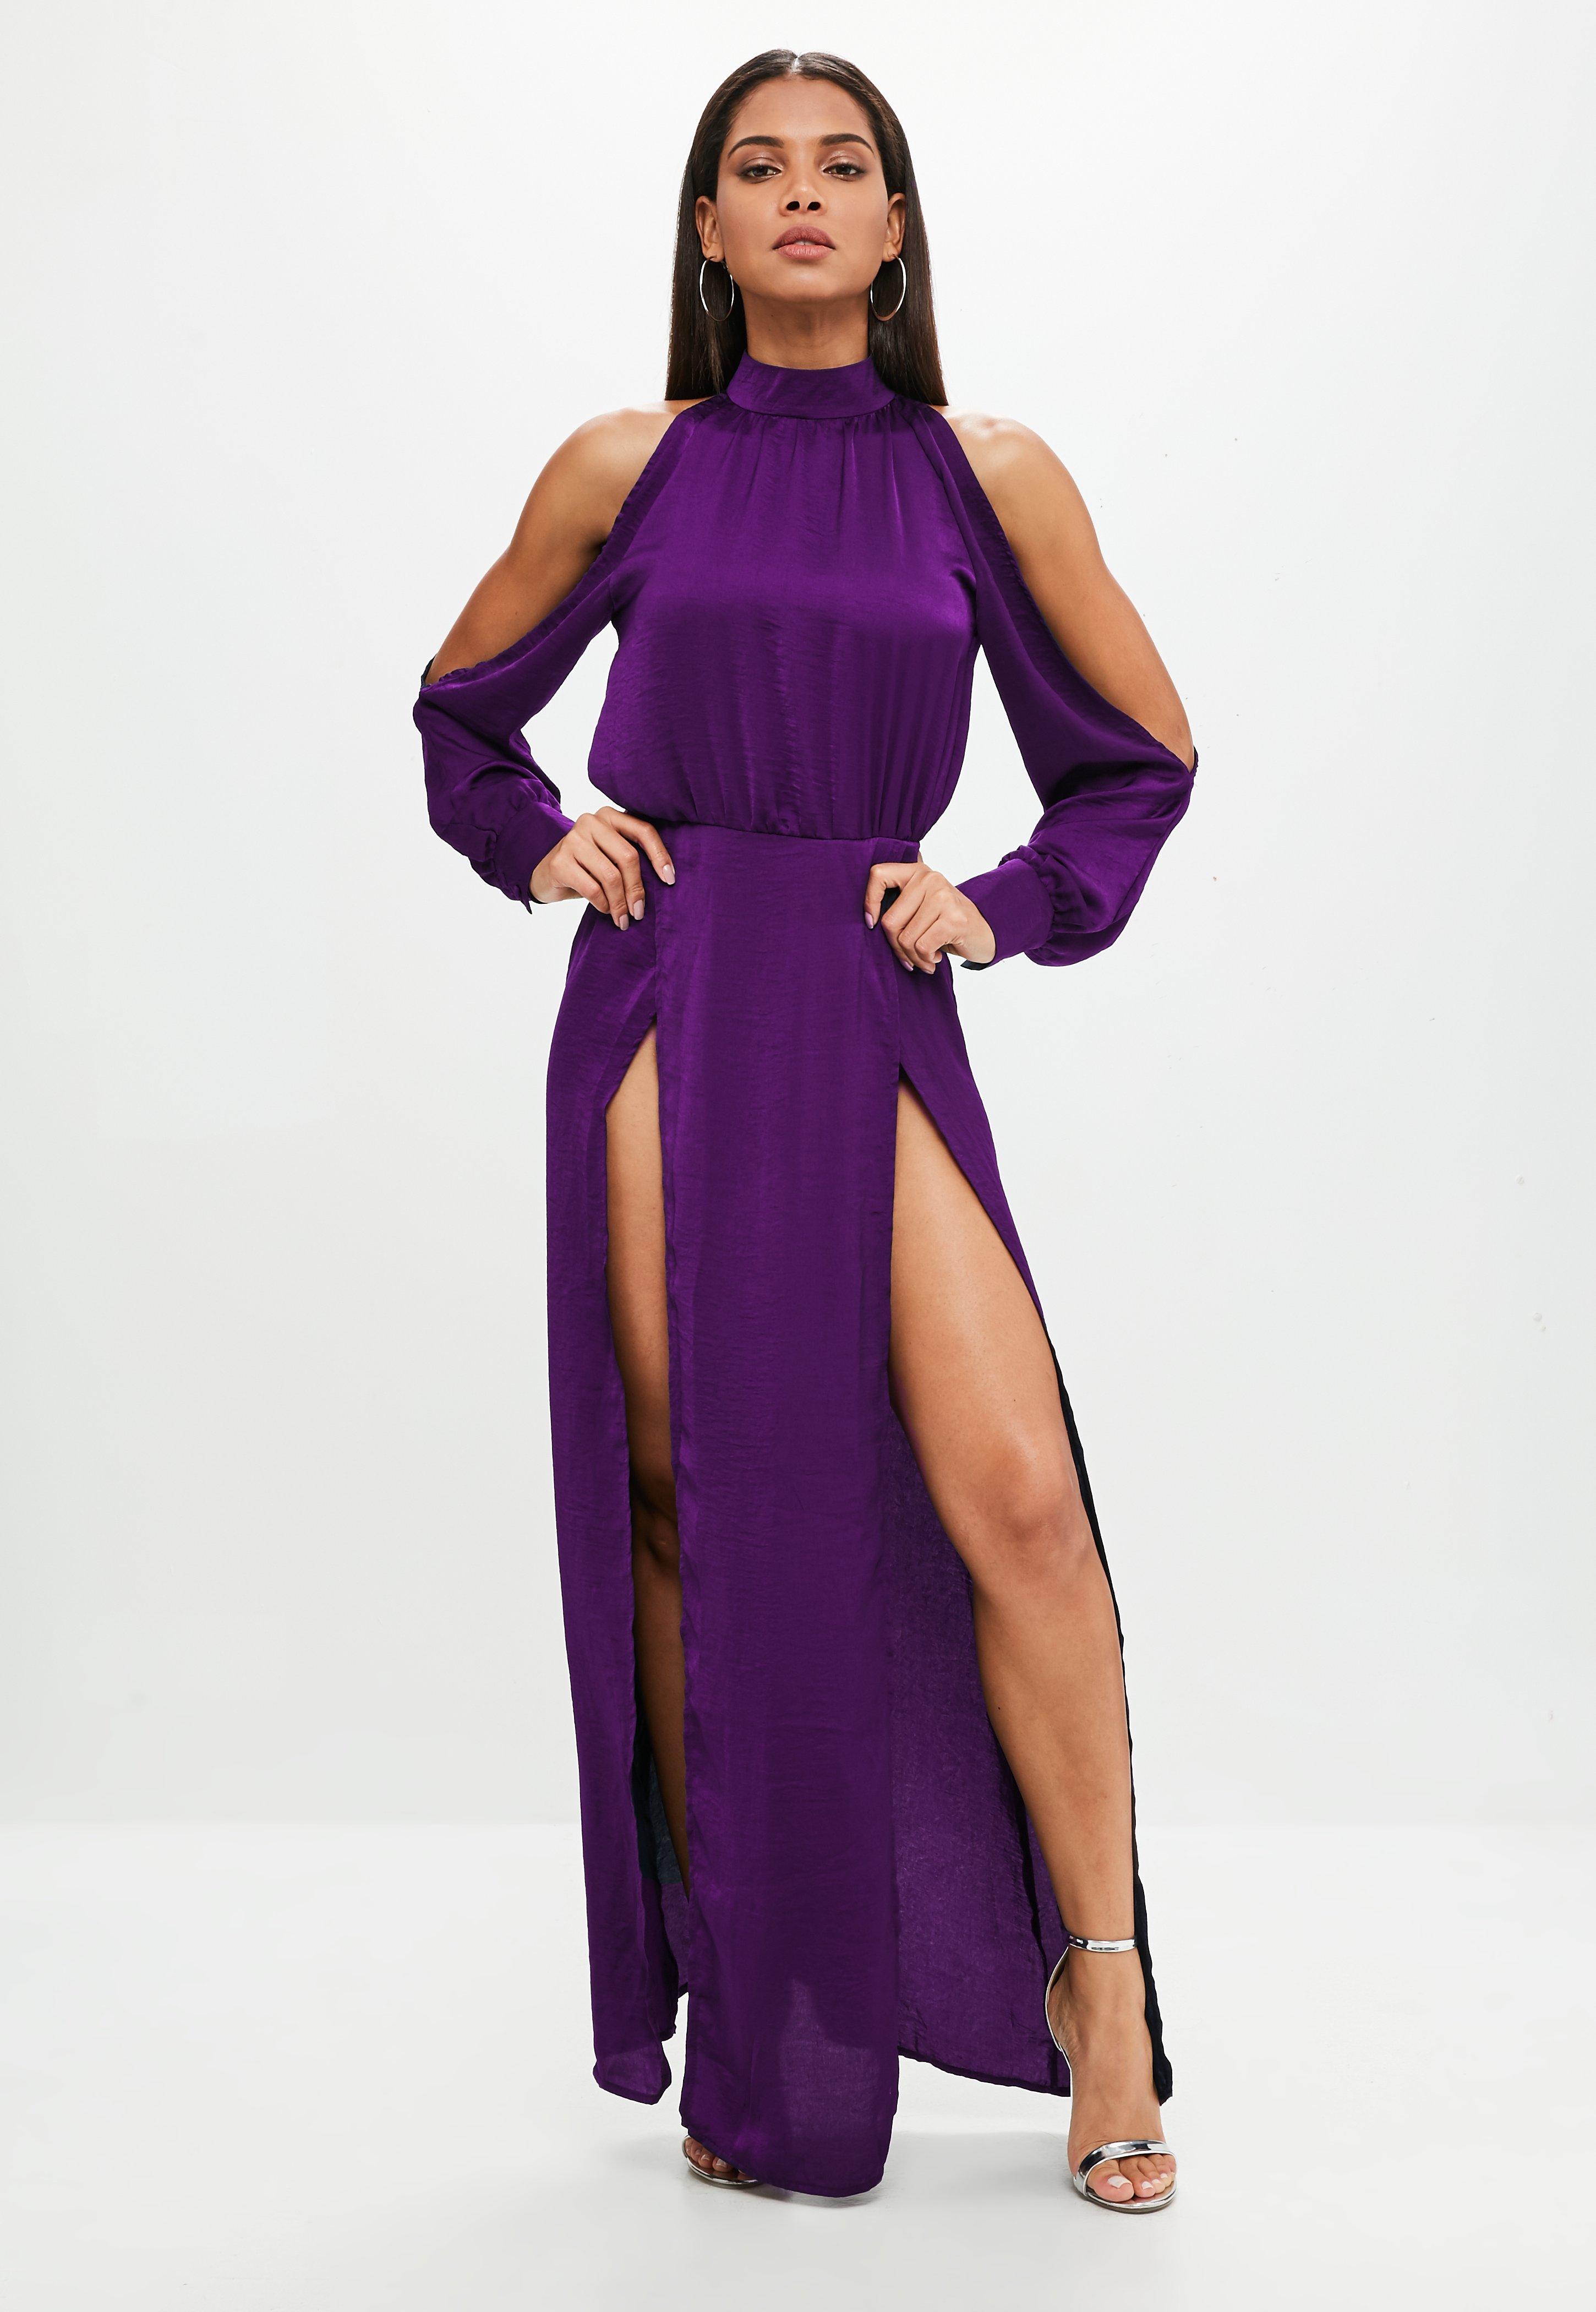 Vestidos largos | Vestidos largos online - Missguided